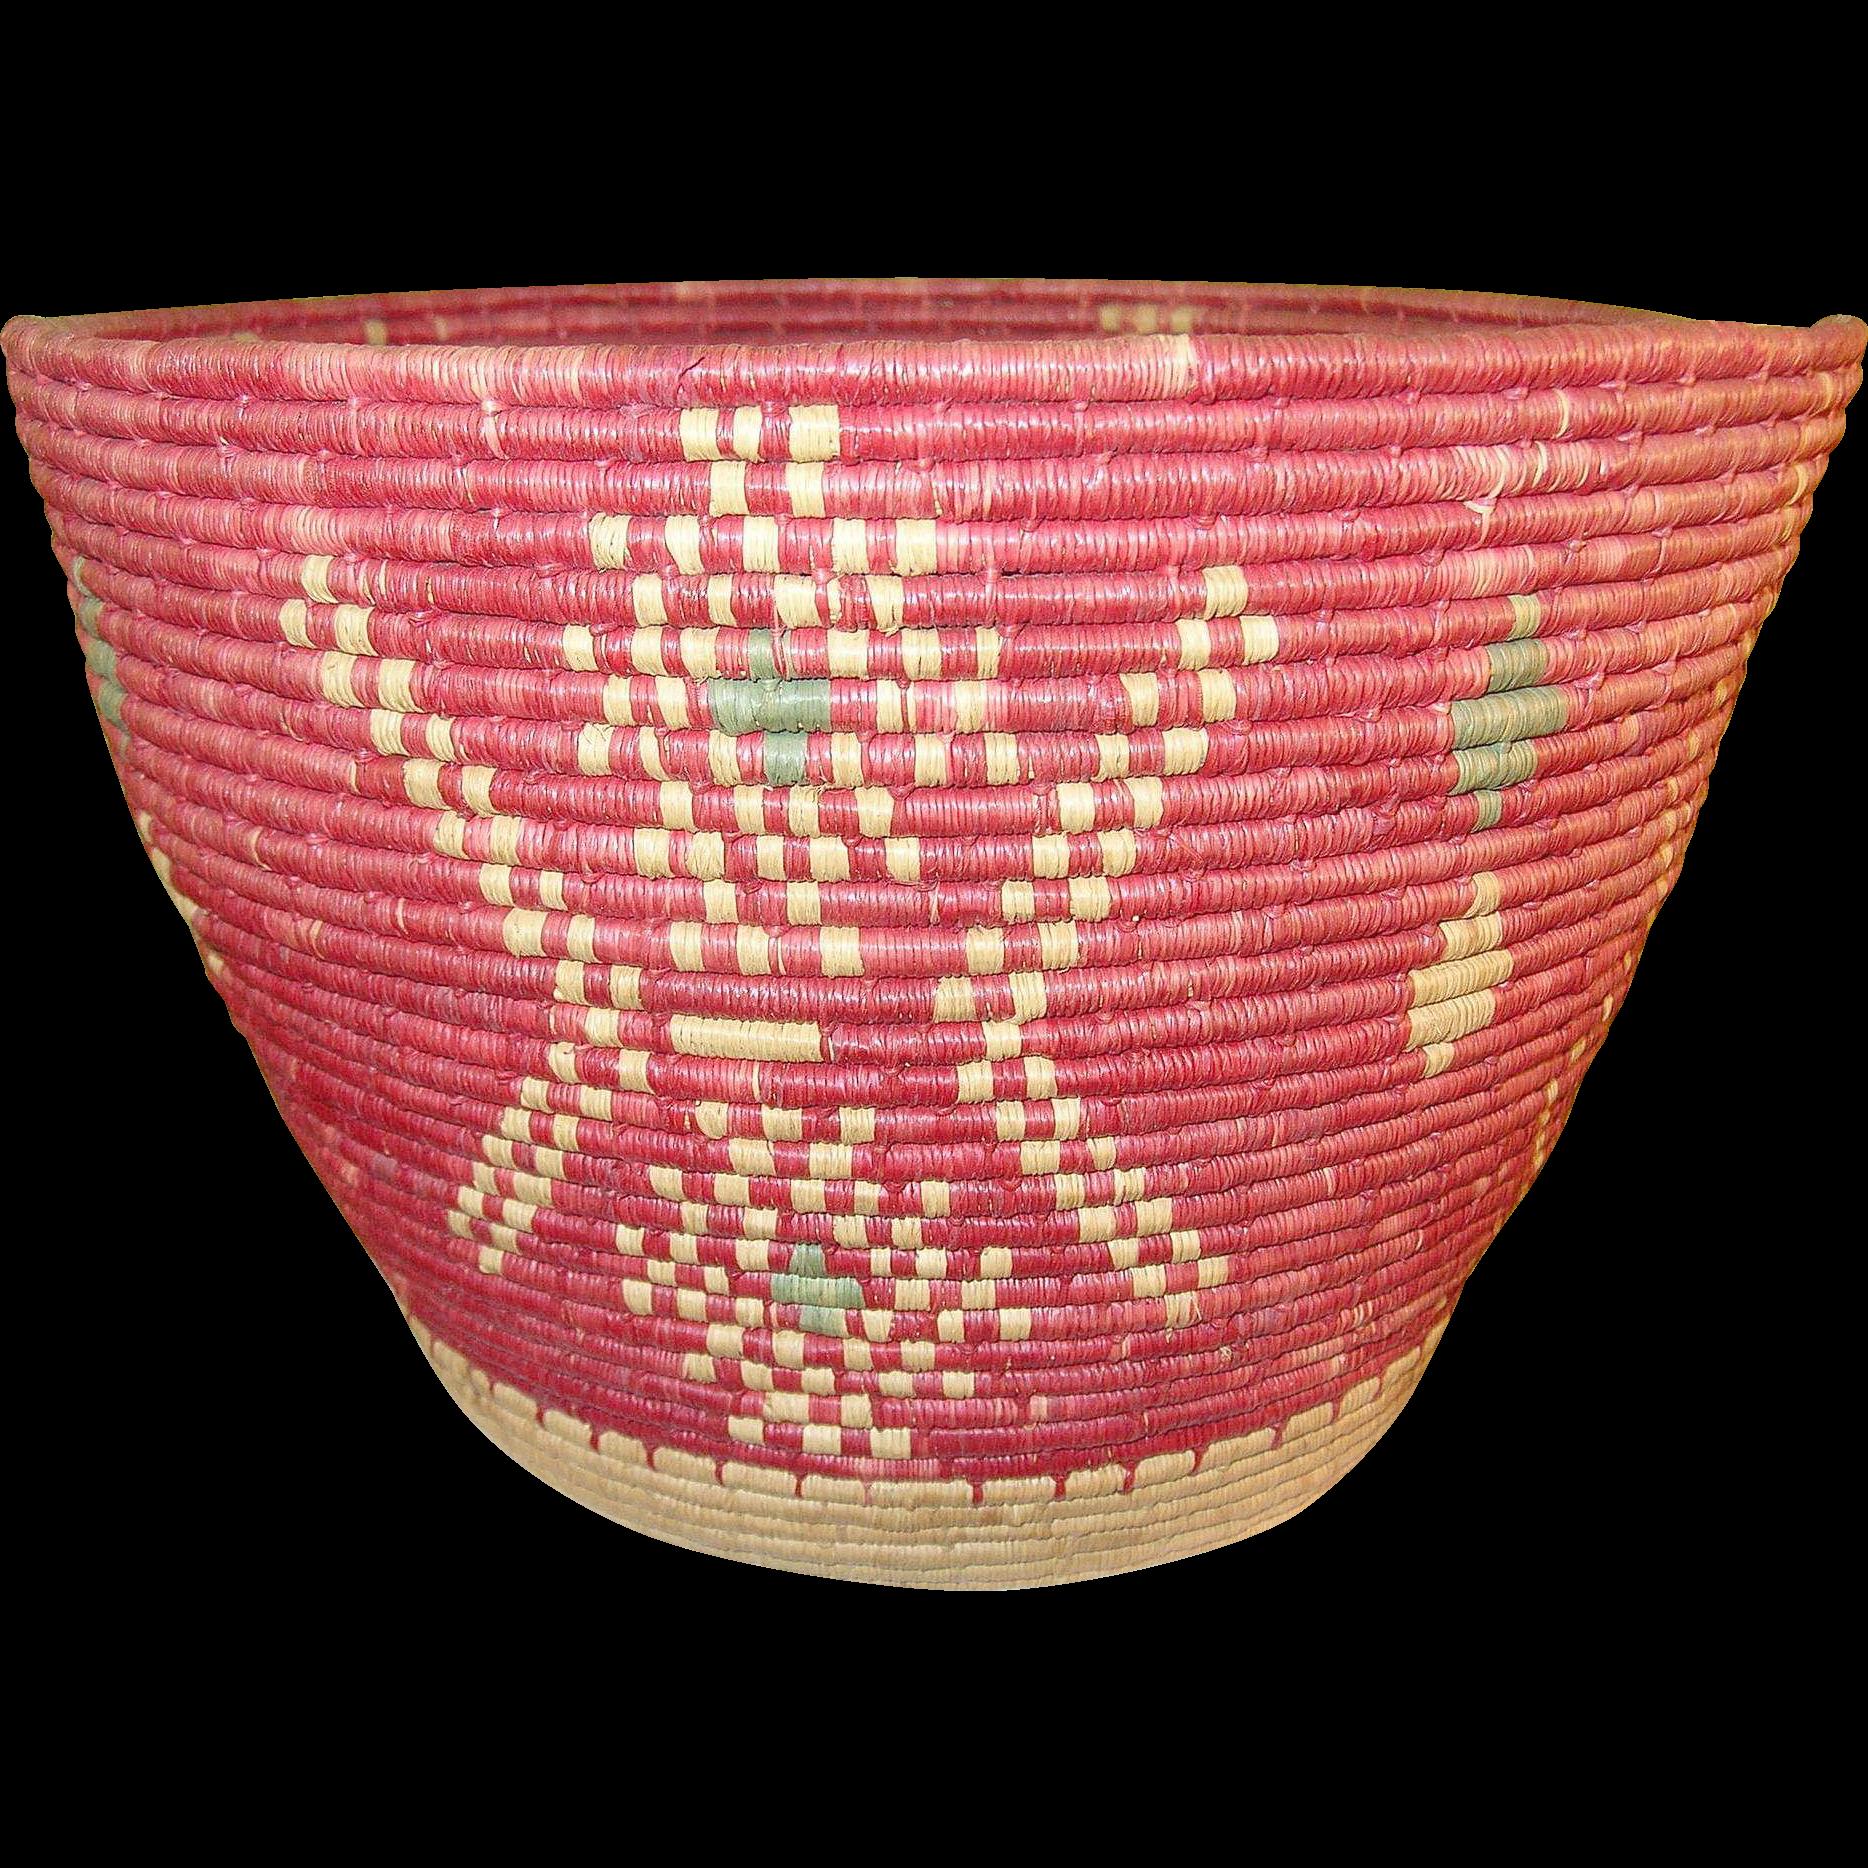 Vintage Woven Basket 71